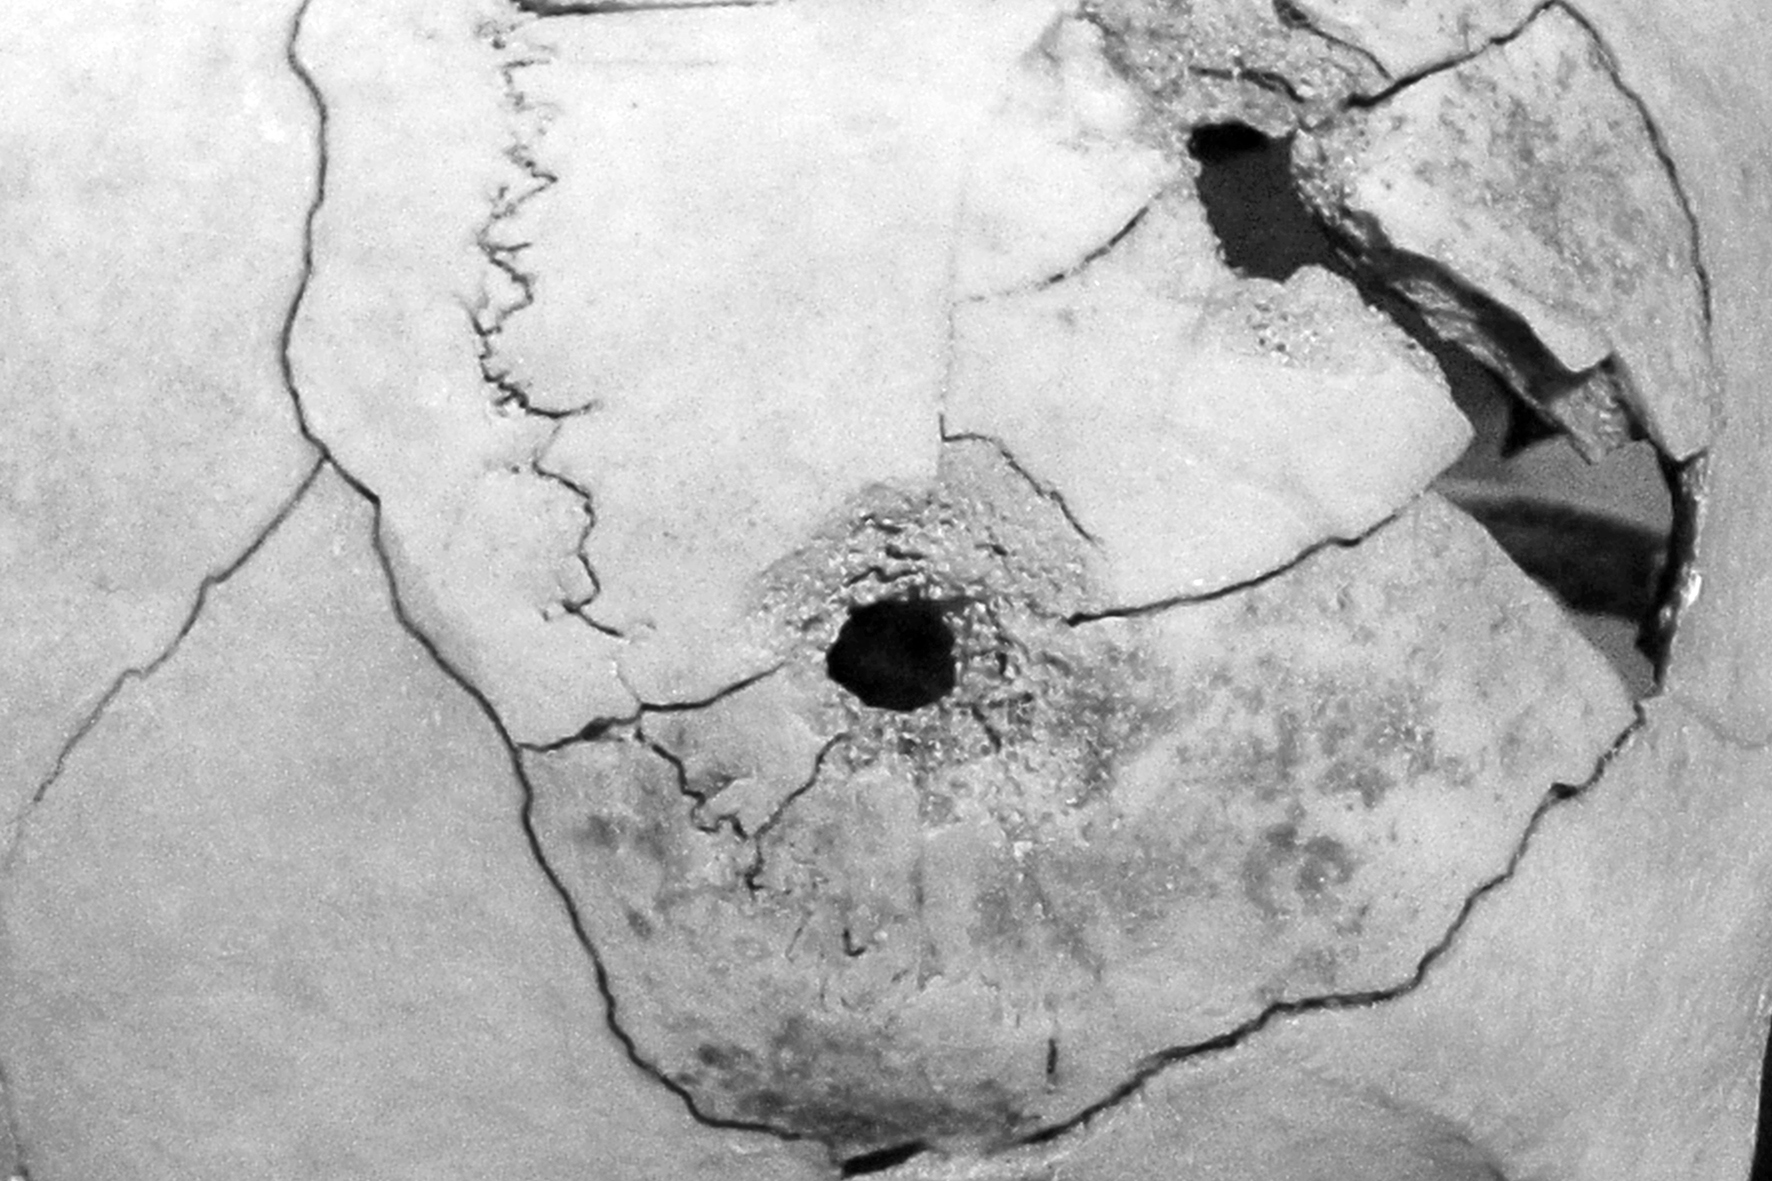 Cráneo perforado VI, 2018 - Niebla (2018) - Ana Frechilla, proyecto fotográfico